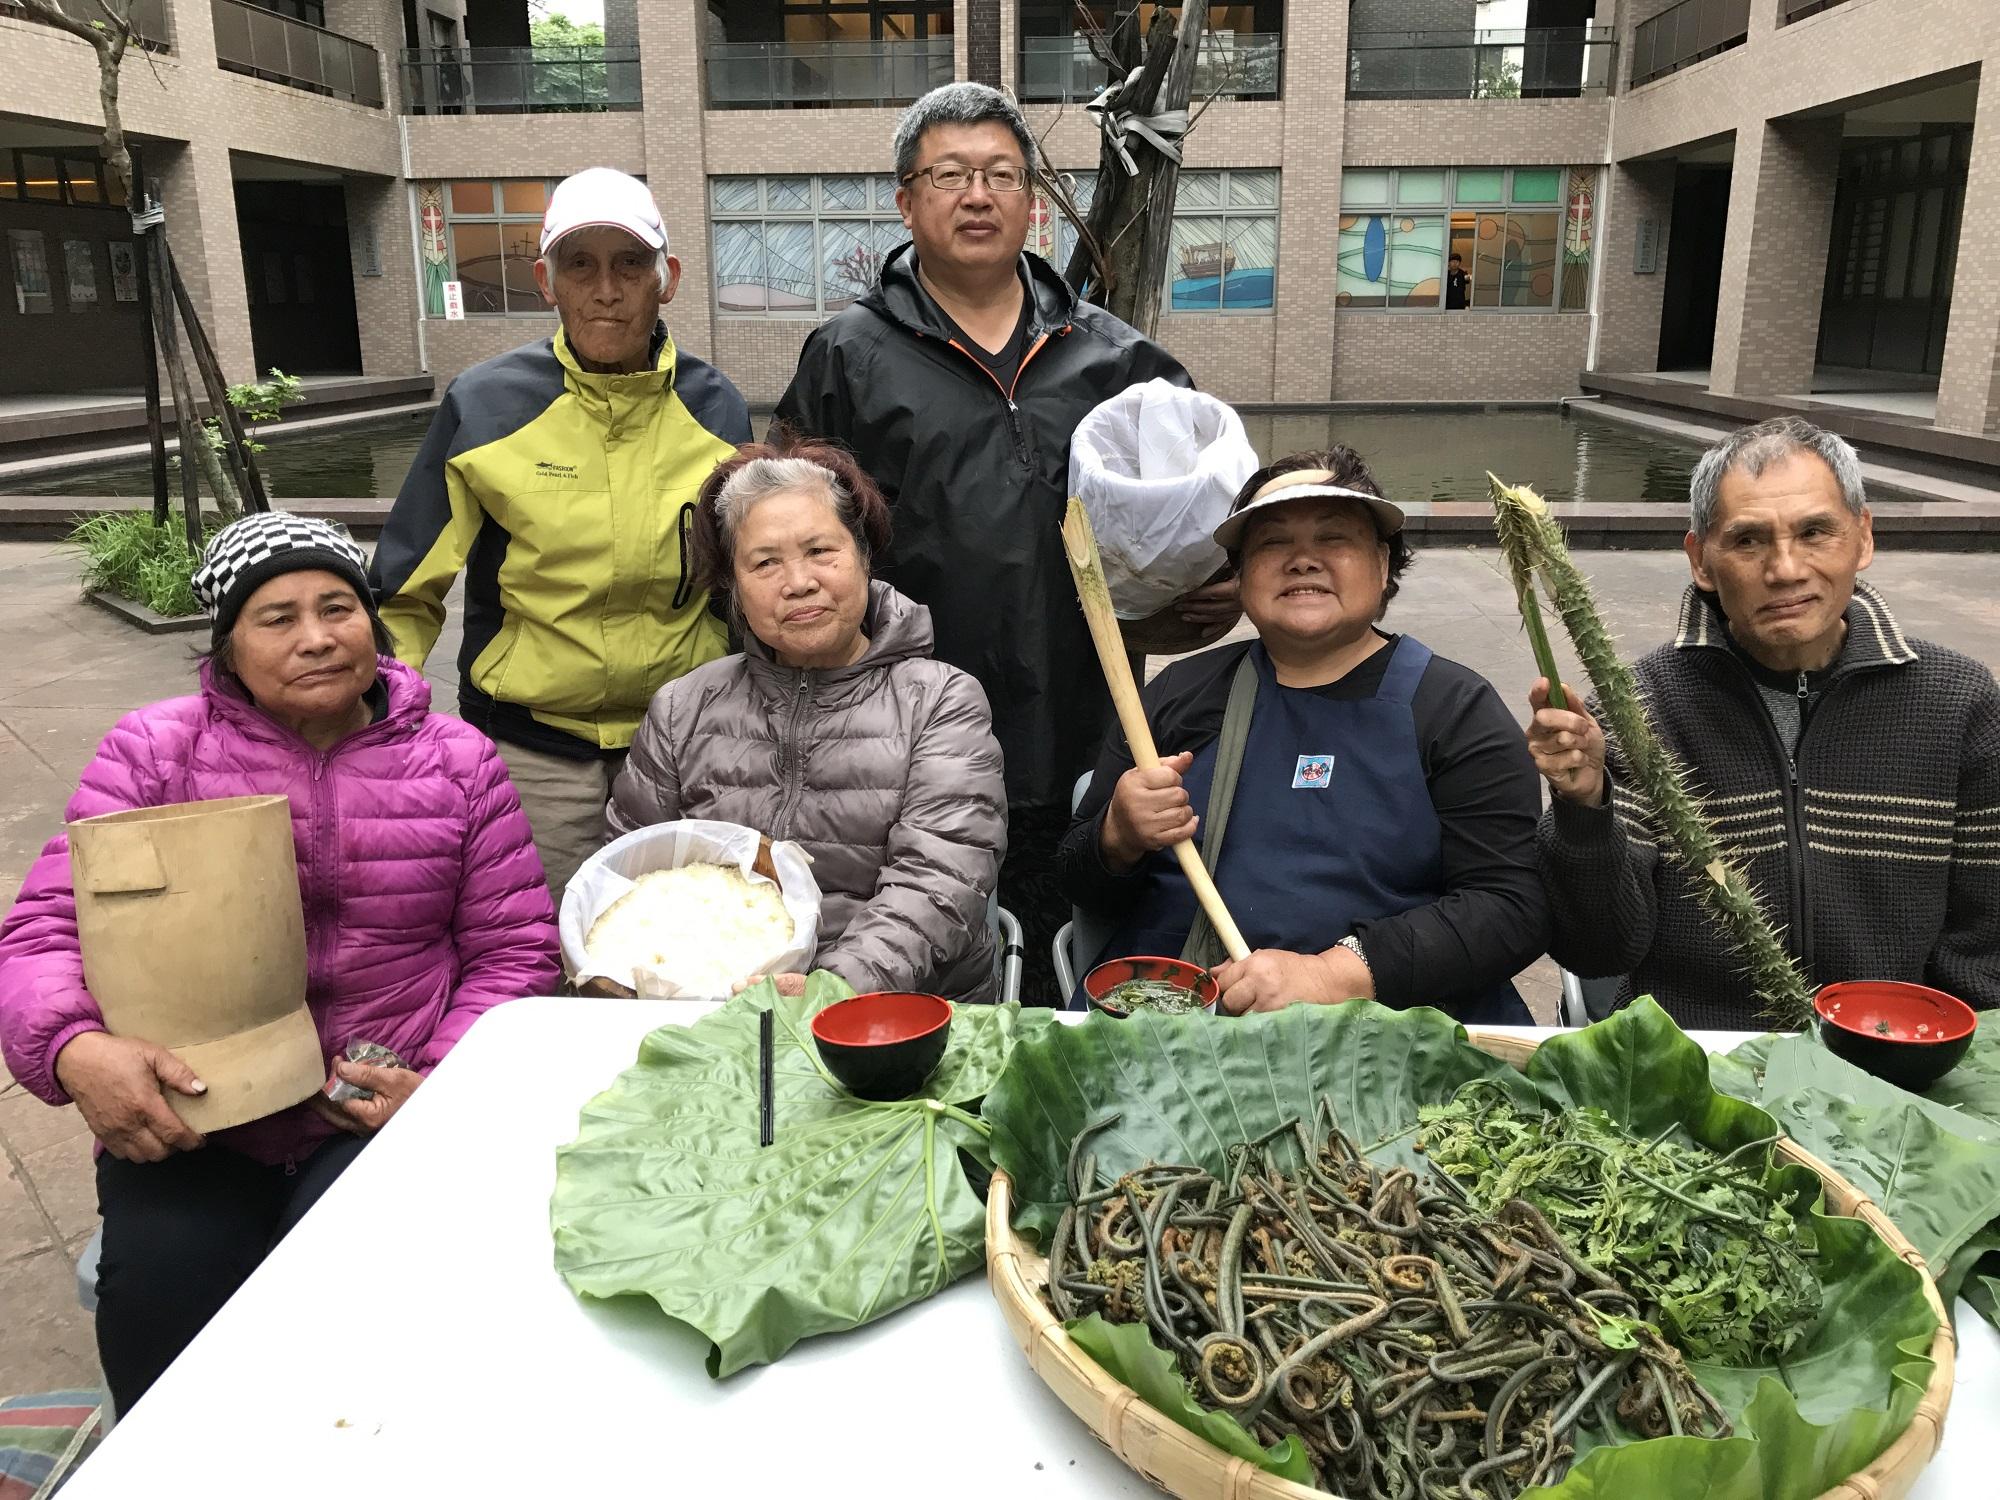 通稿照片-煮藝示範教學的部落三姊妹耆老(前排左起).JPG